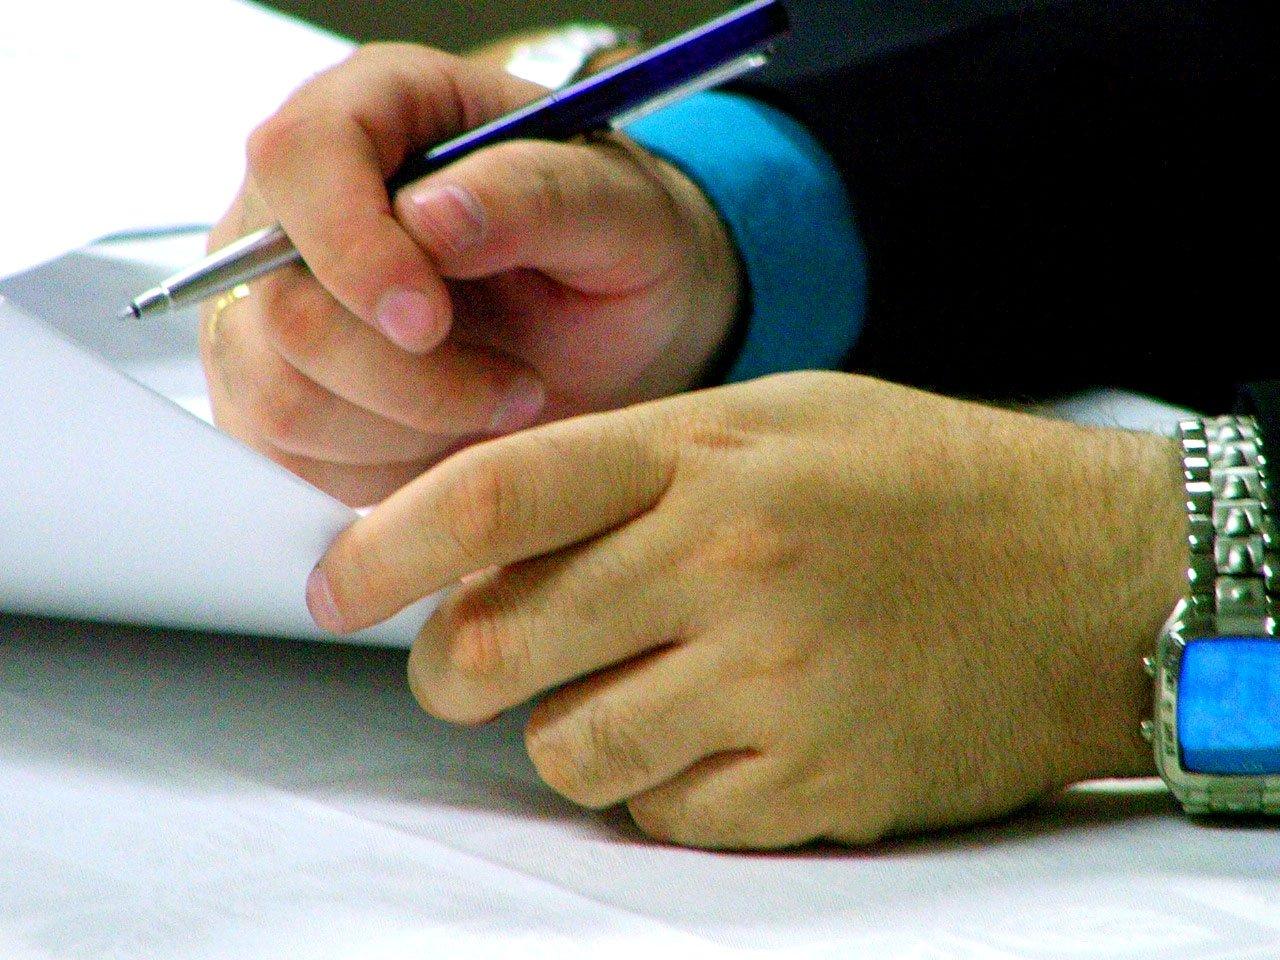 Prawo pracy – co warto wiedzieć o umowie o pracę?